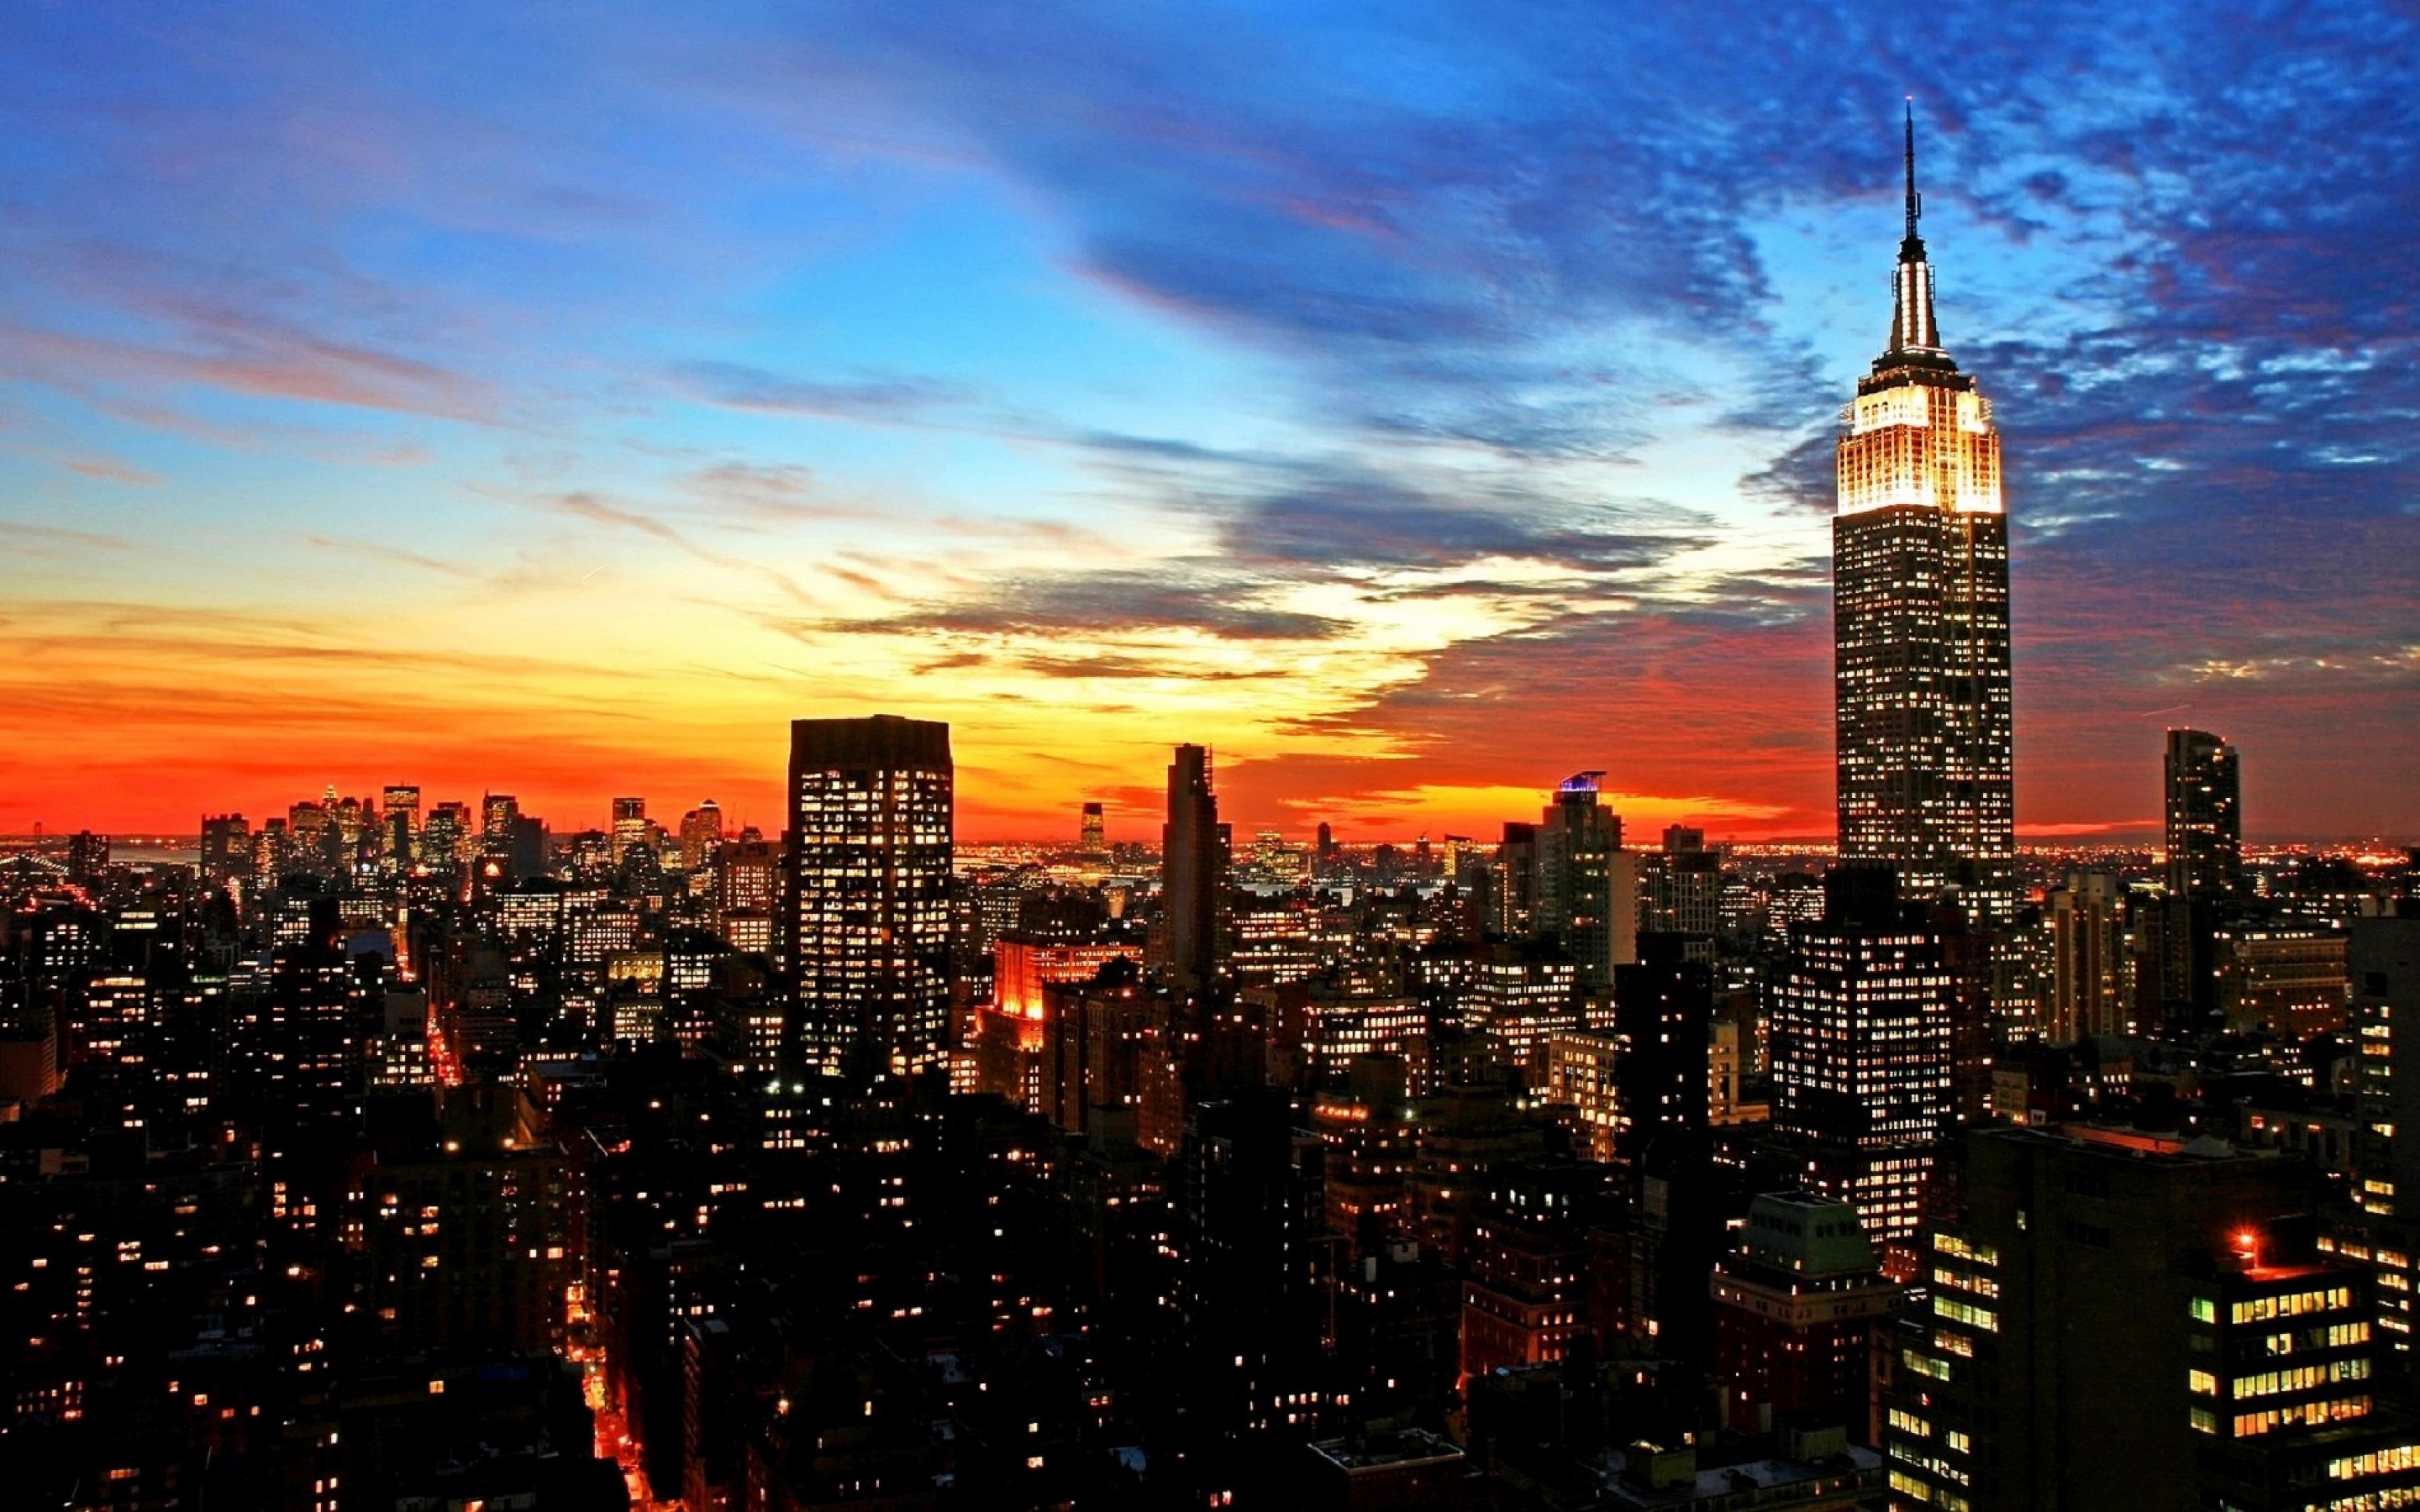 Нью йорк ночной в картинках